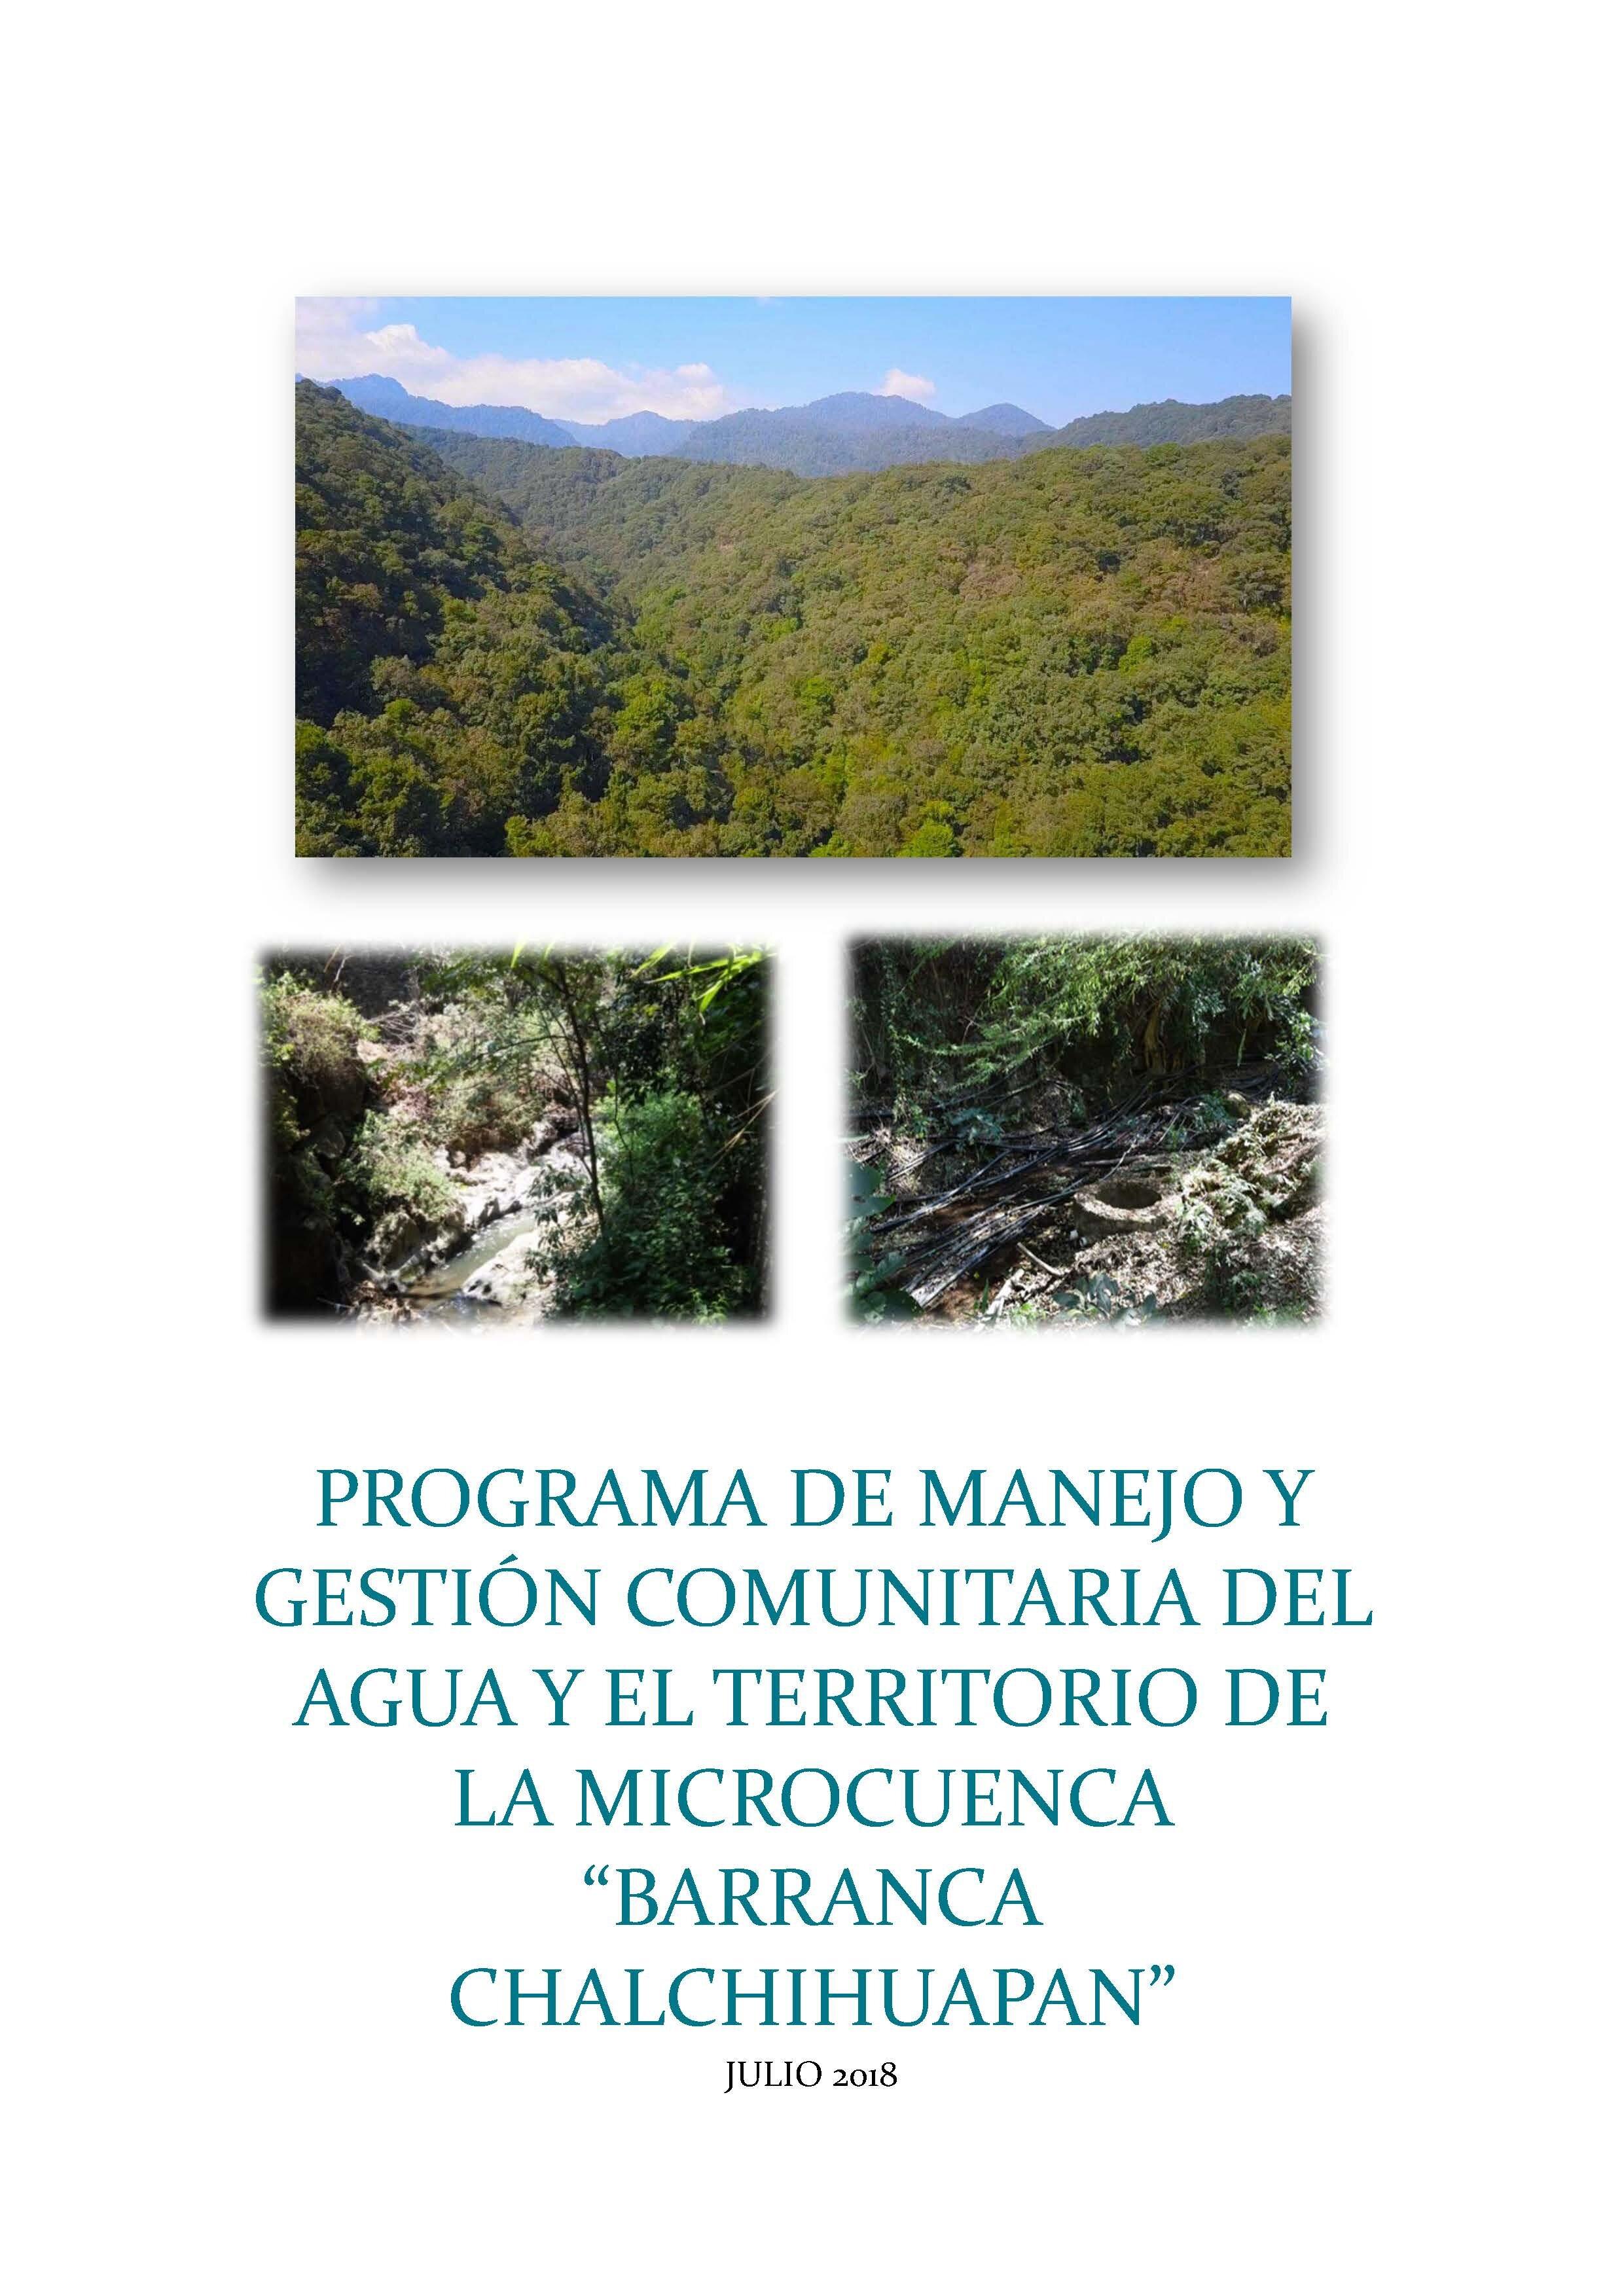 Programa de manejo y gestión Barranca Chalchihuapan - El presente documento es un resumen del proceso de planificación participativa realizado en la Microcuenca de la Barranca de Chalchihuapan (MBCh)